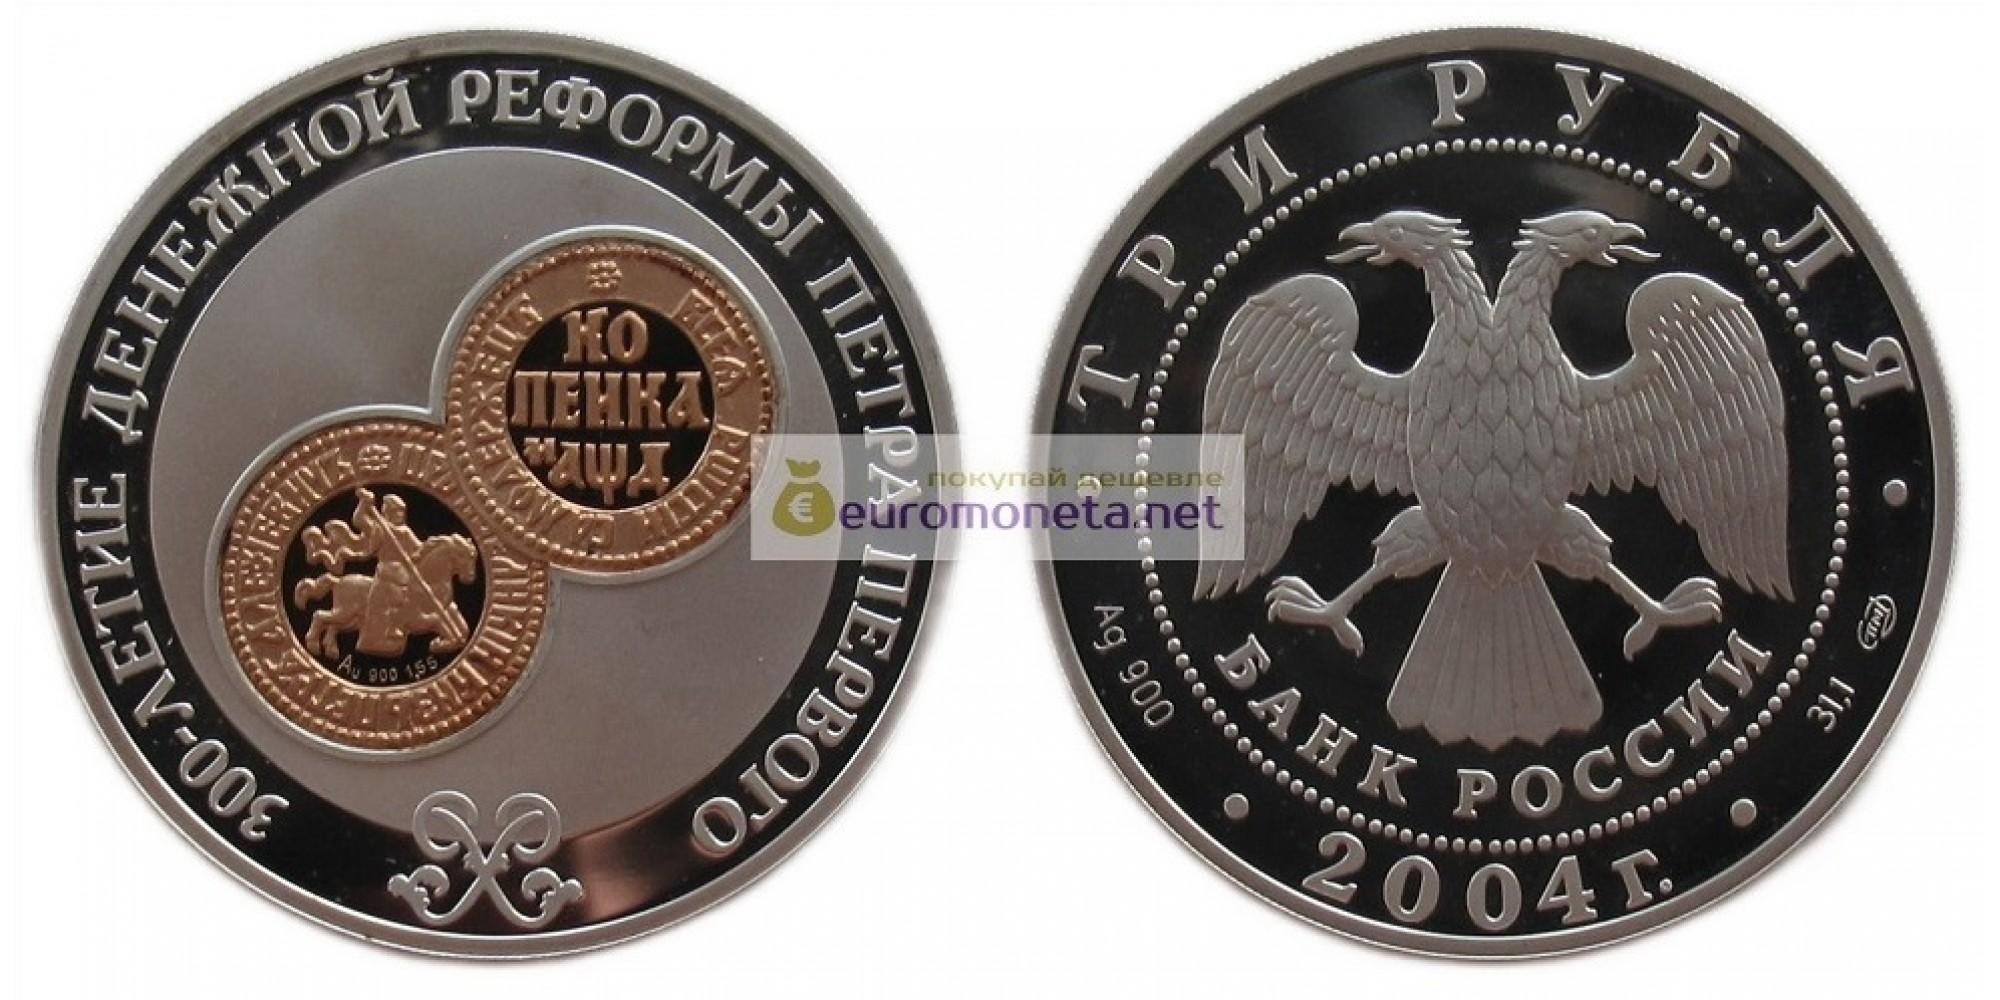 Россия 3 рубля 2004 год 300-летие денежной реформы Петра I. серебро пруф